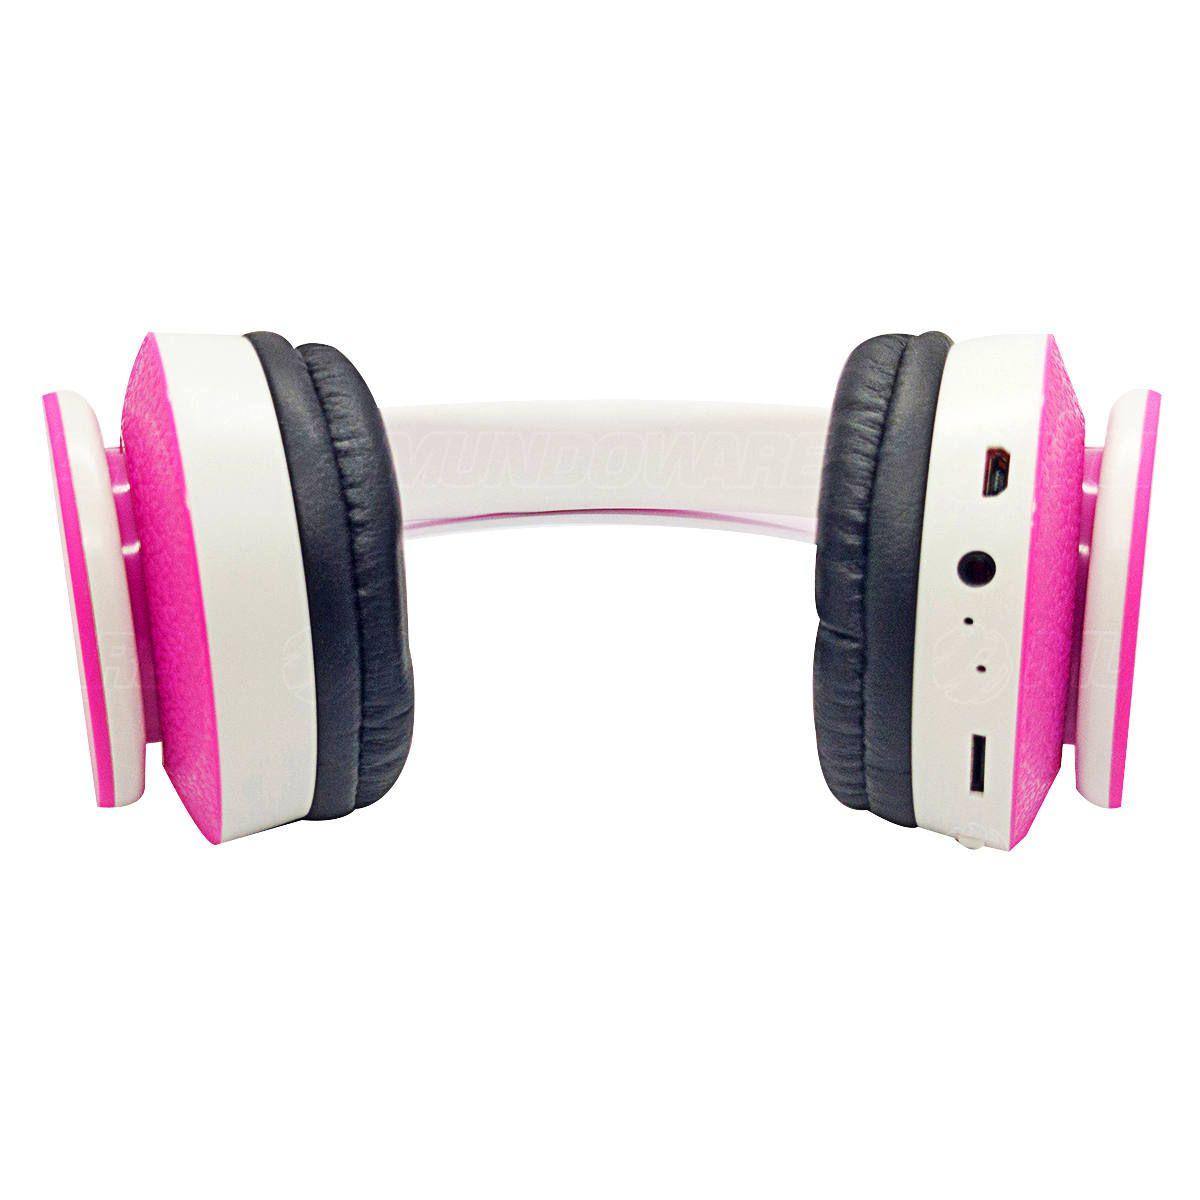 Headphone Bluetooth Dobrável com Rádio FM Micro SD P2 Fone Sem Fio Estéreo Exbom HF-400BT Rosa com Branco